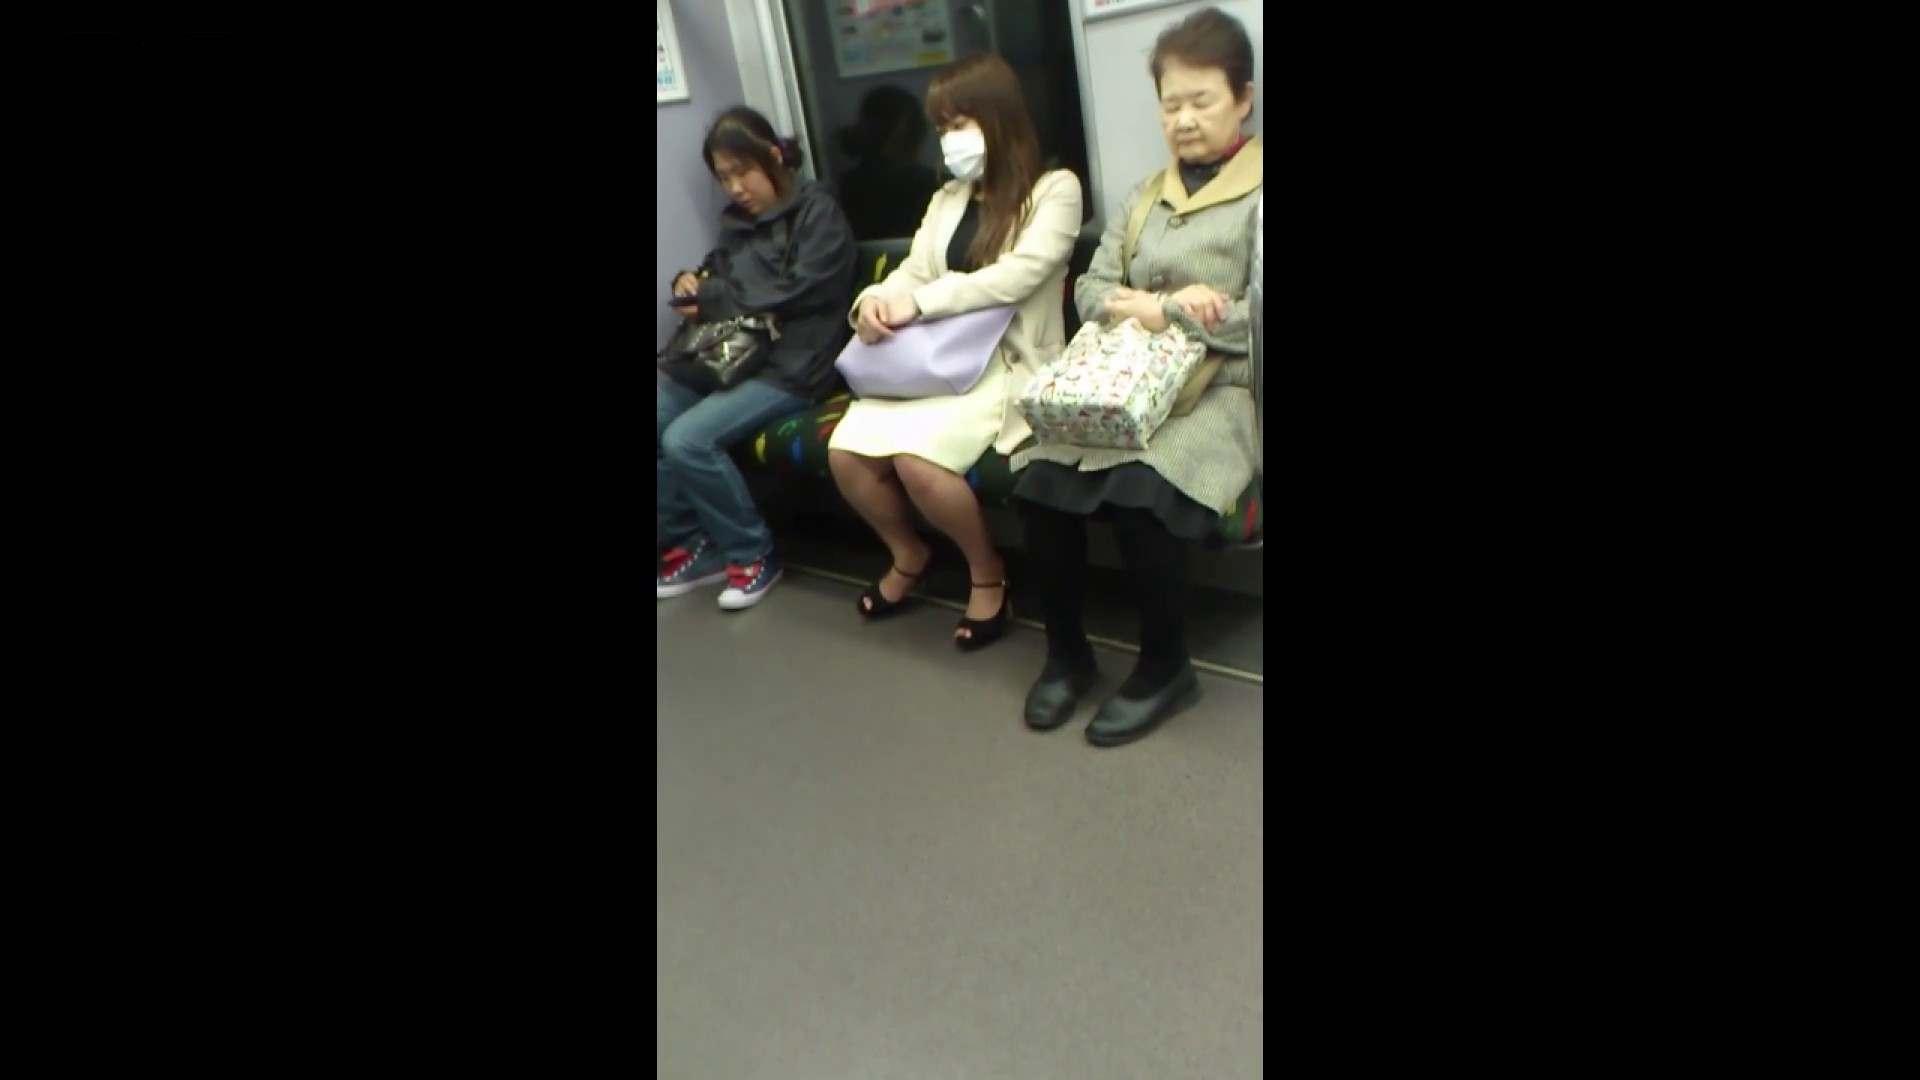 盗撮列車 Vol.55 黄色の爽やかなスカートが大好きです。 むっちりガール  89枚 60